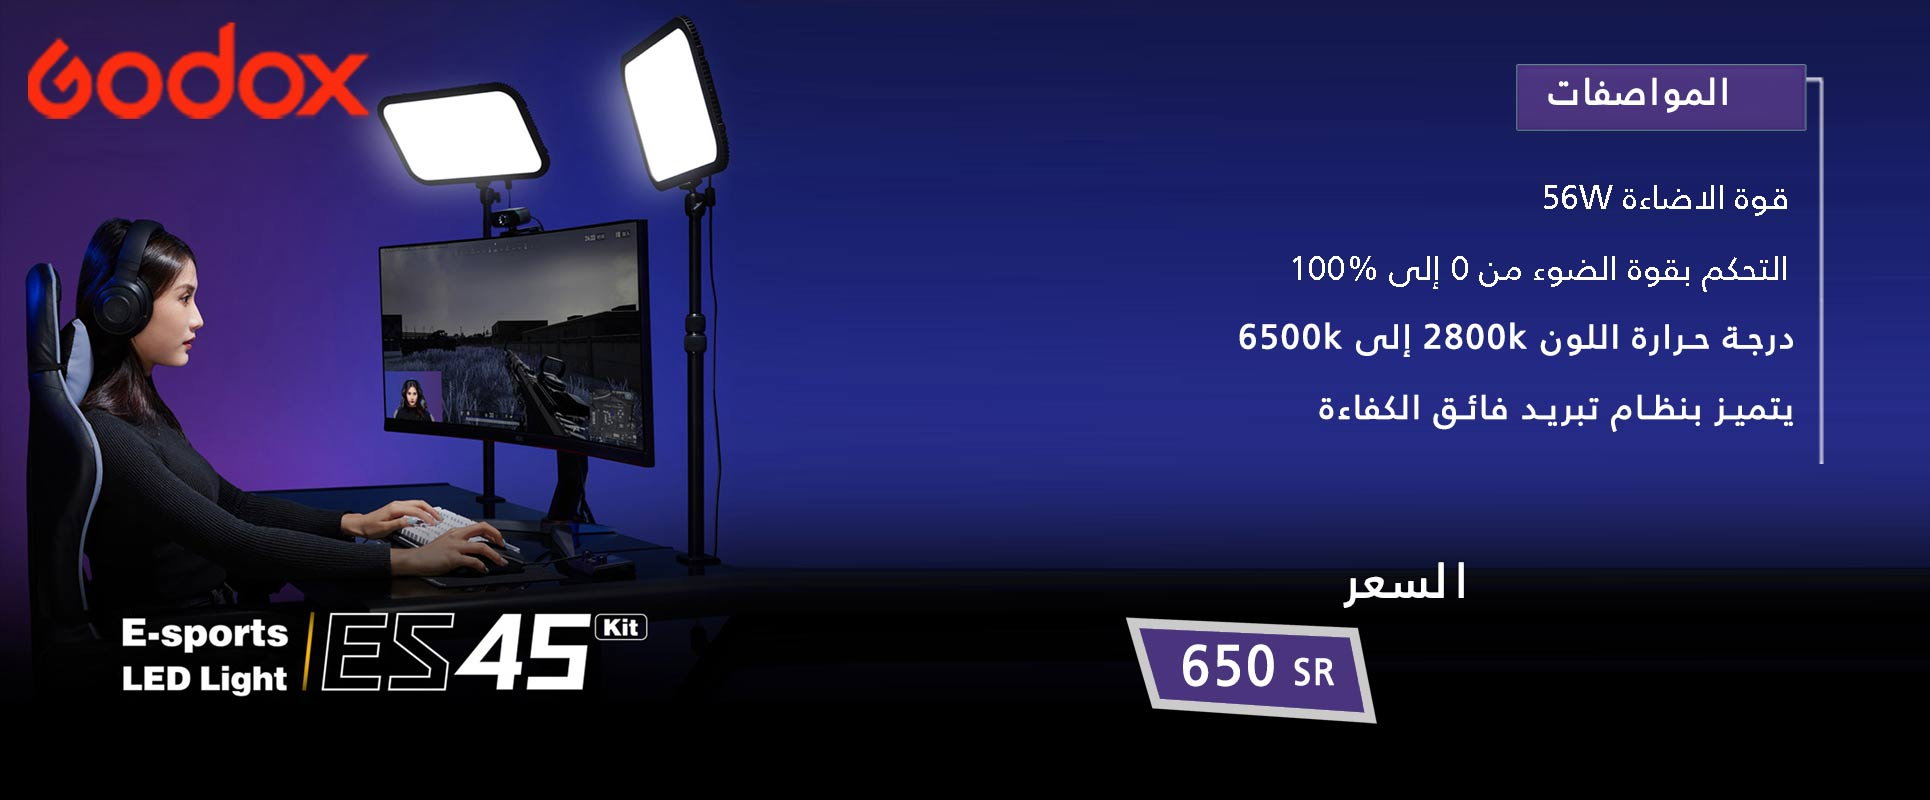 Godox ES45-KIT